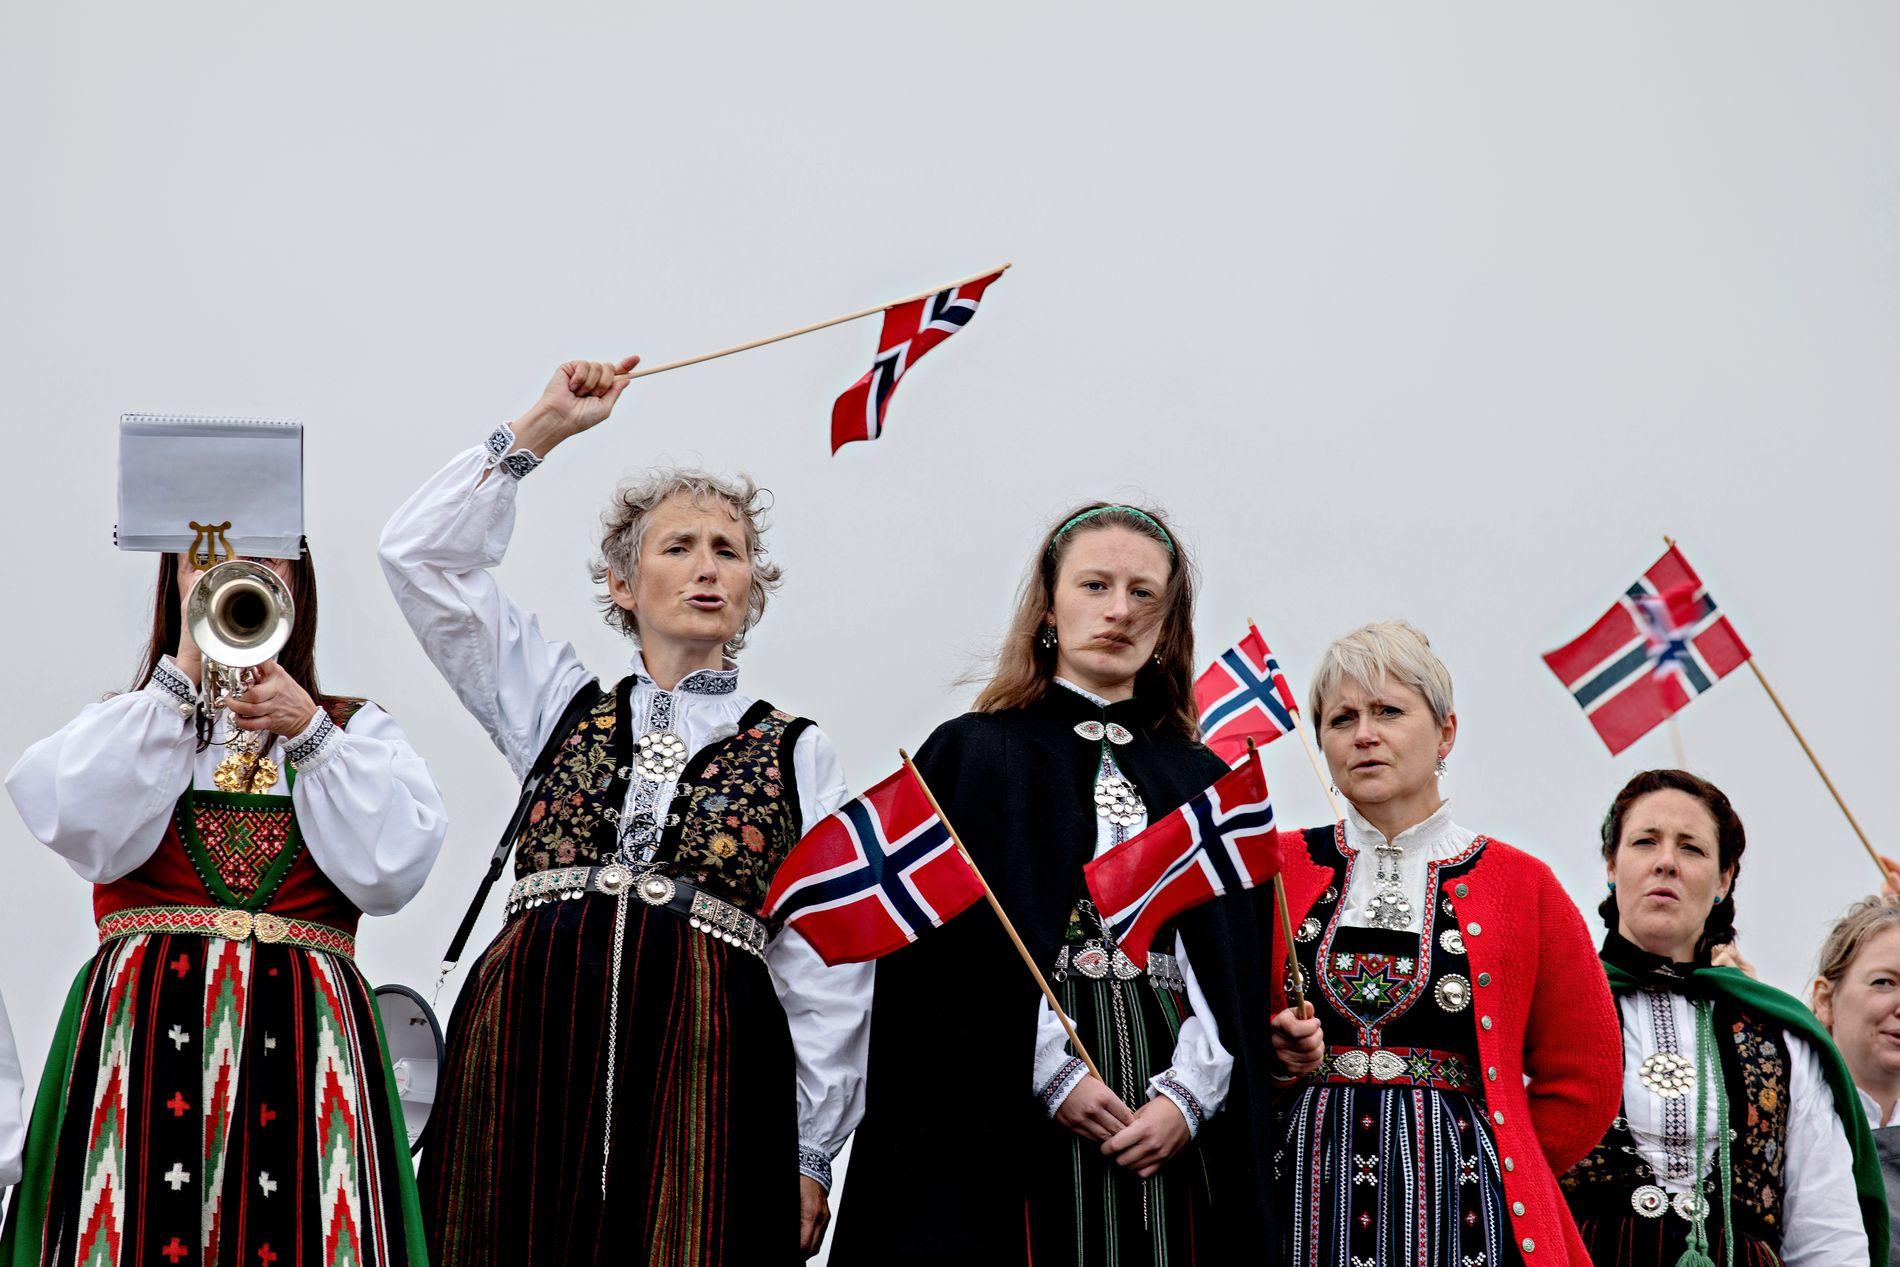 BUNADSKRAFT MOT VINDKRAFT: Kjersti Hjartholm spilte trompet, Wenche Midttun organiserte, Kristine Sleire Tistel holdt appell og moren Tove Kristin Sleire Tistel hjalp med bunadene.